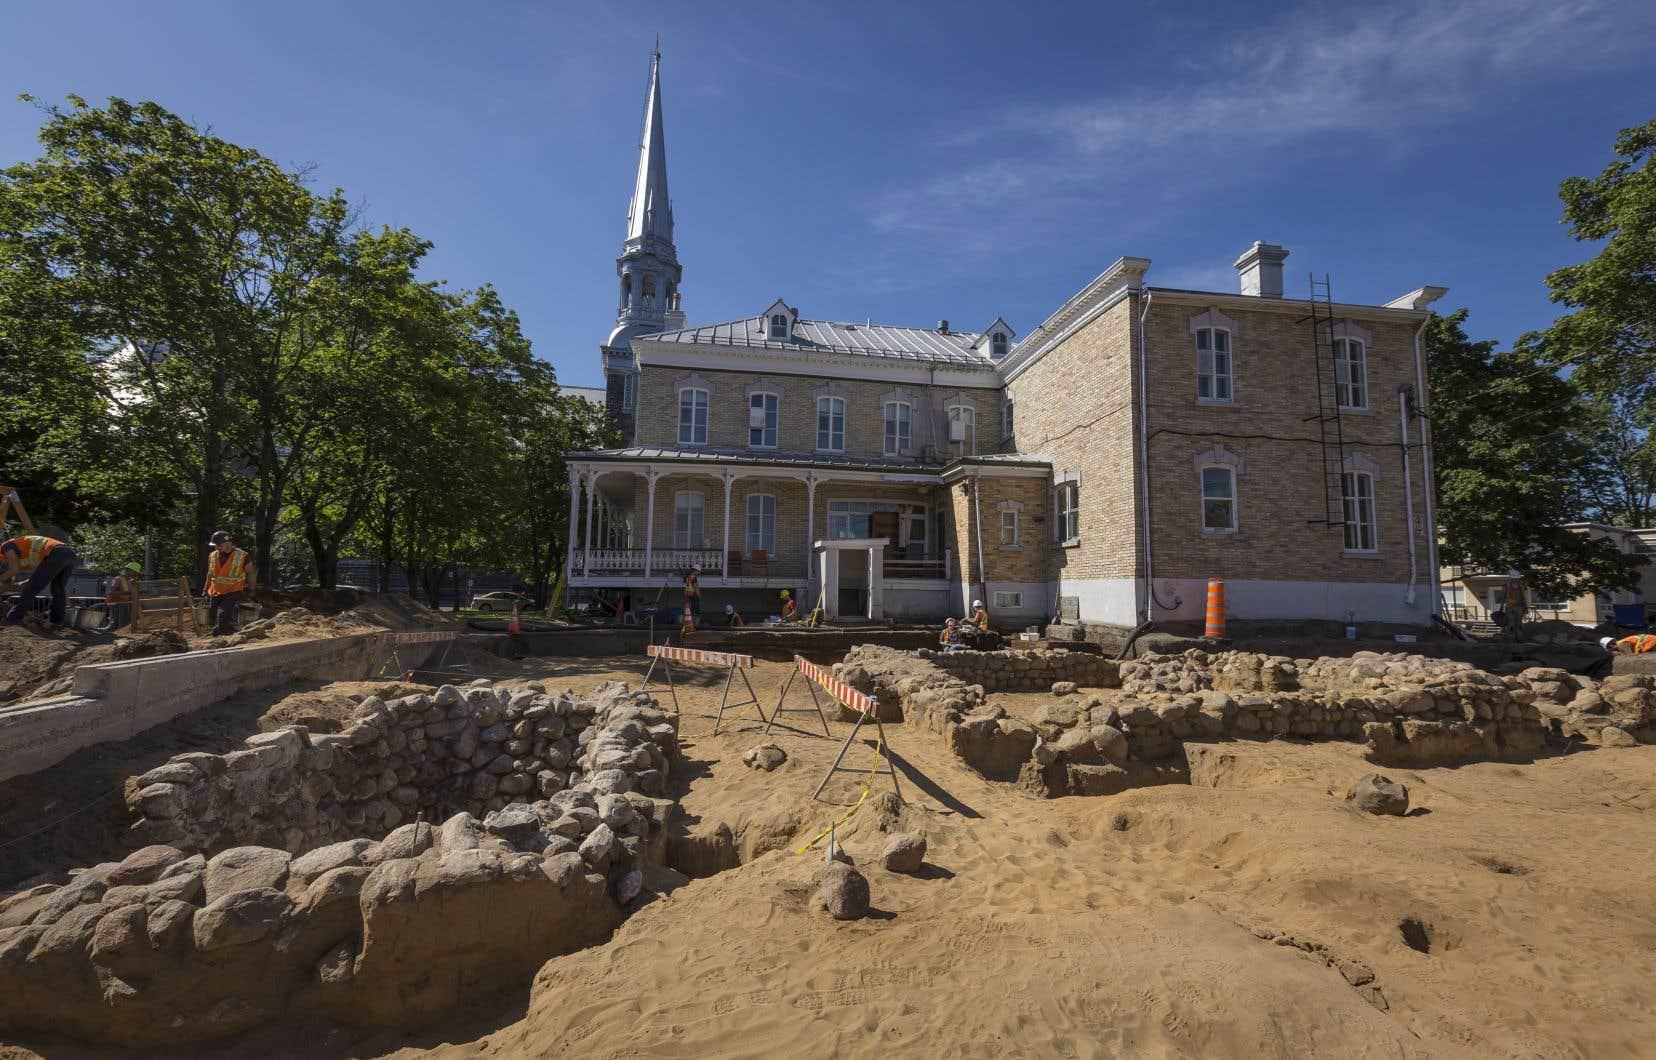 Le chantier archéologique situé derrière le presbytère de L'Ancienne-Lorette